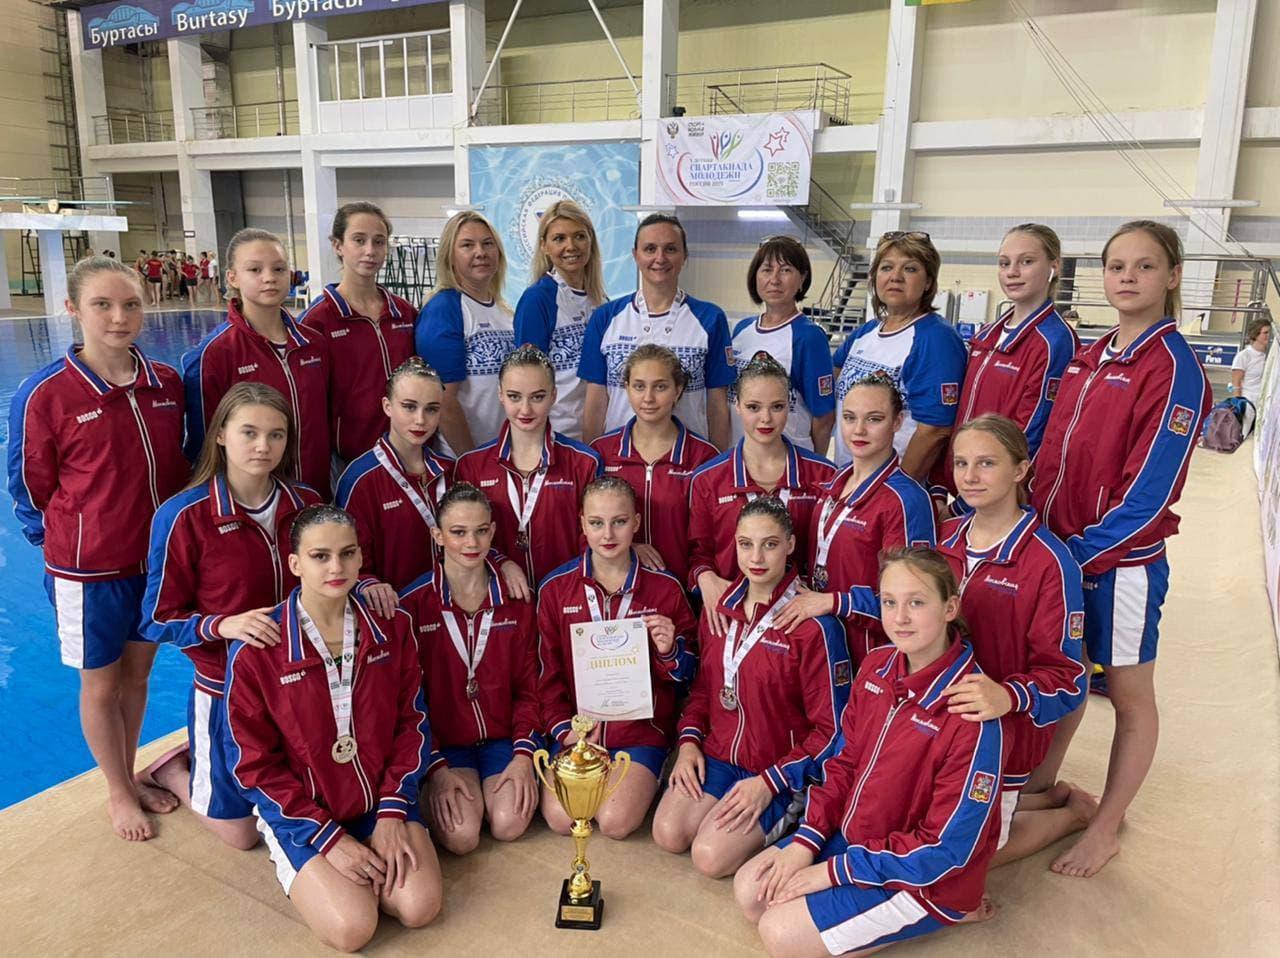 Сборная Подмосковья завоевала 40 медалей на Всероссийской Спартакиаде по синхронному плаванию